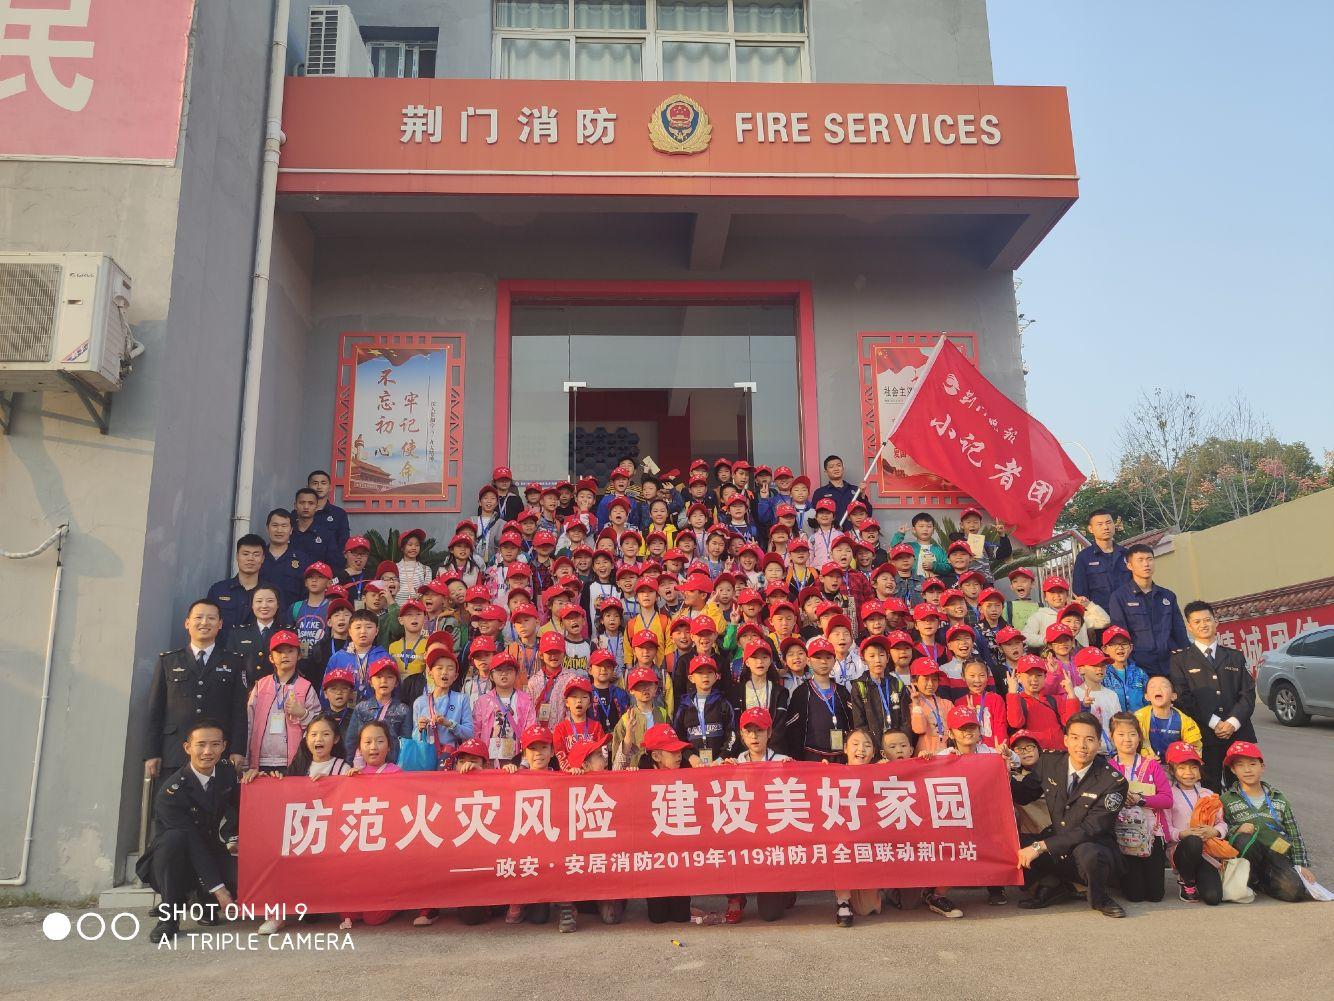 119消防月,政安消防全国联动!